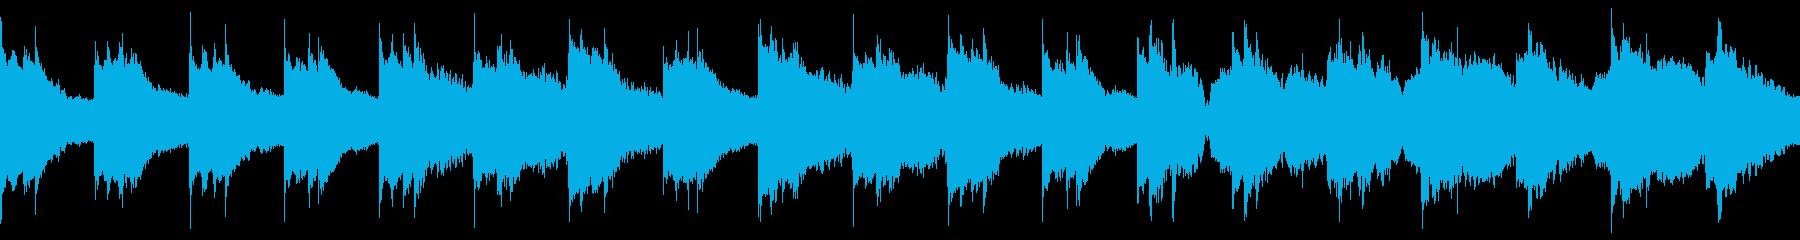 村系BGM_バラード_ループの再生済みの波形